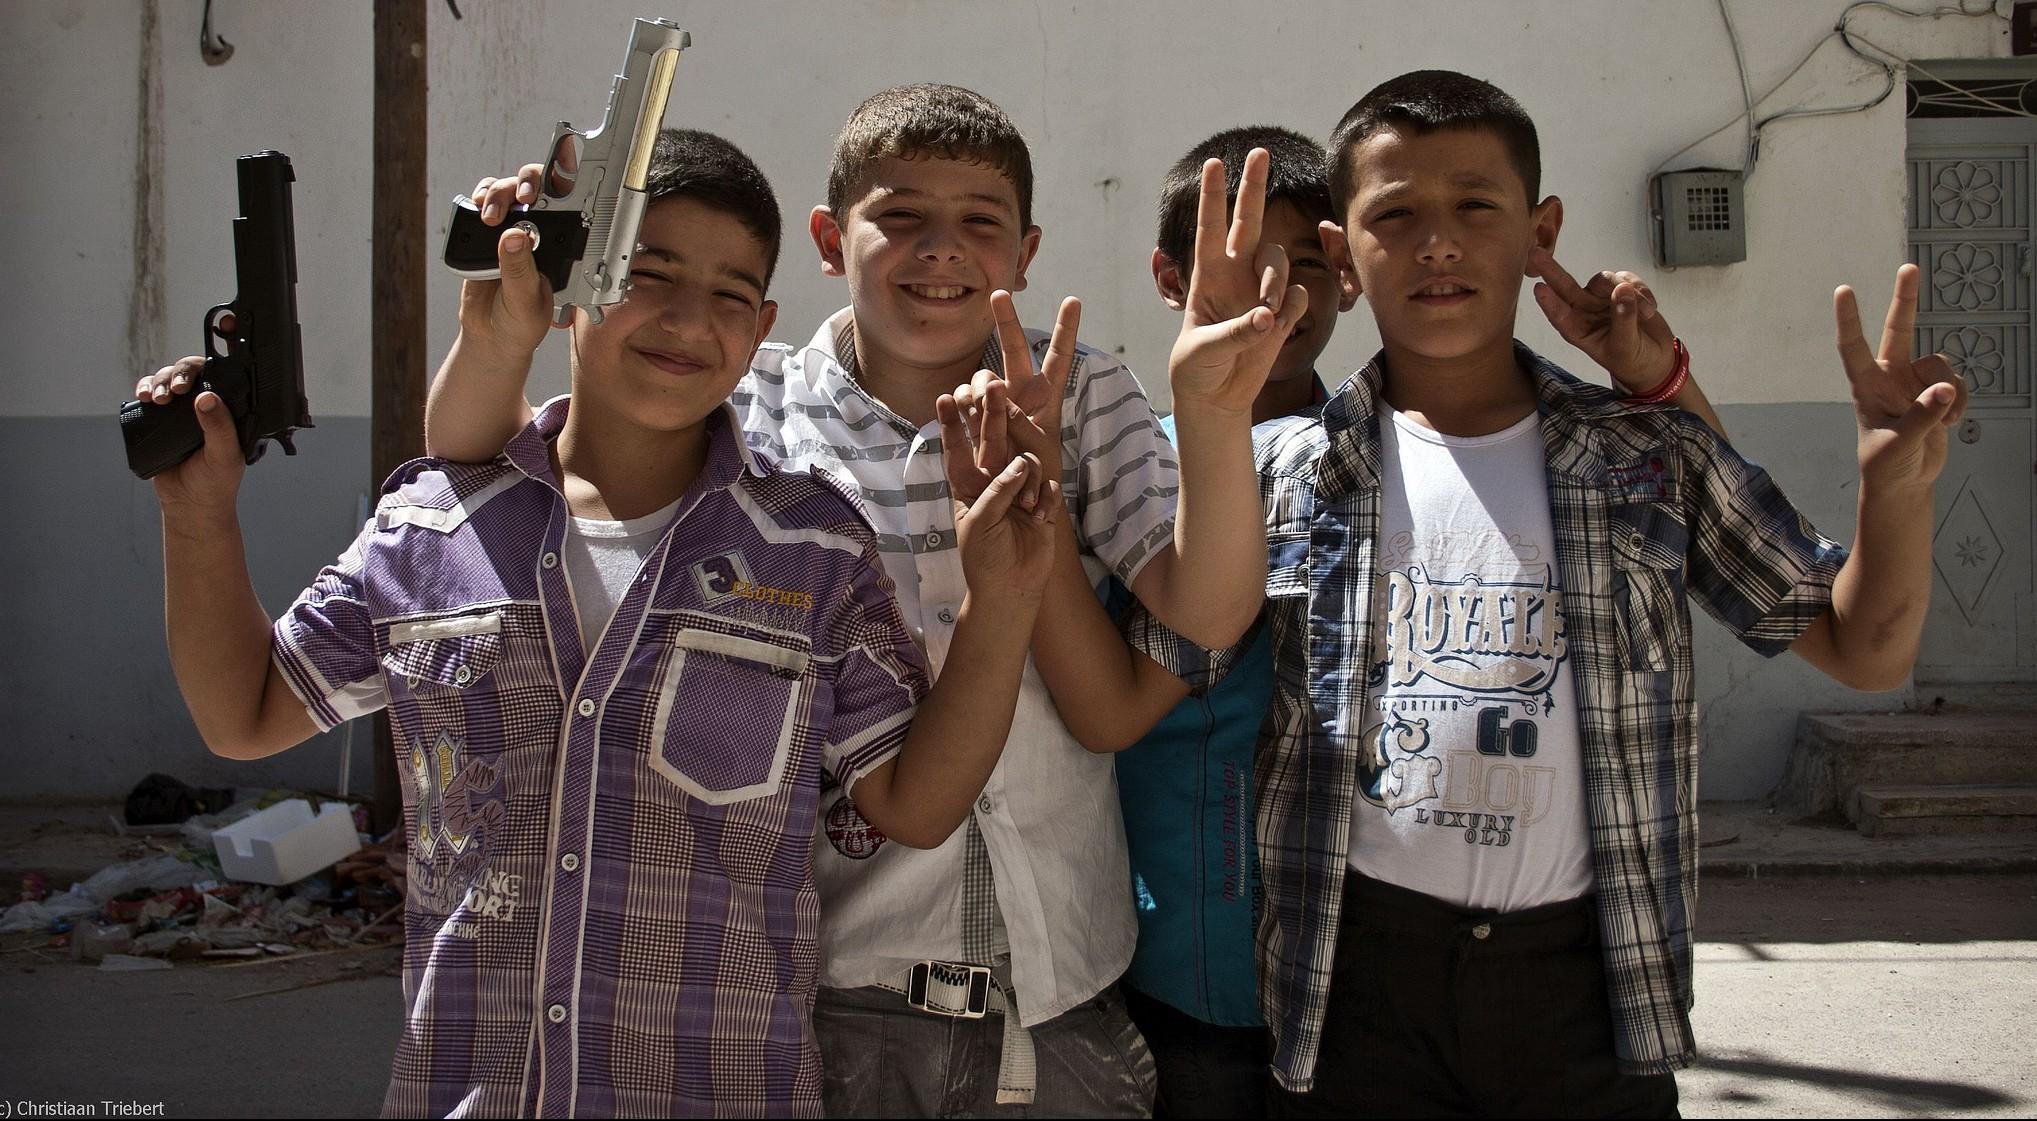 Der Krieg gehörte für Kinder aus Syrien zum Alltag, hier: Jungen in Azaz. Wie gehen sie damit um? Foto: Christiaan Triebert / flickr (CC BY 2.0)